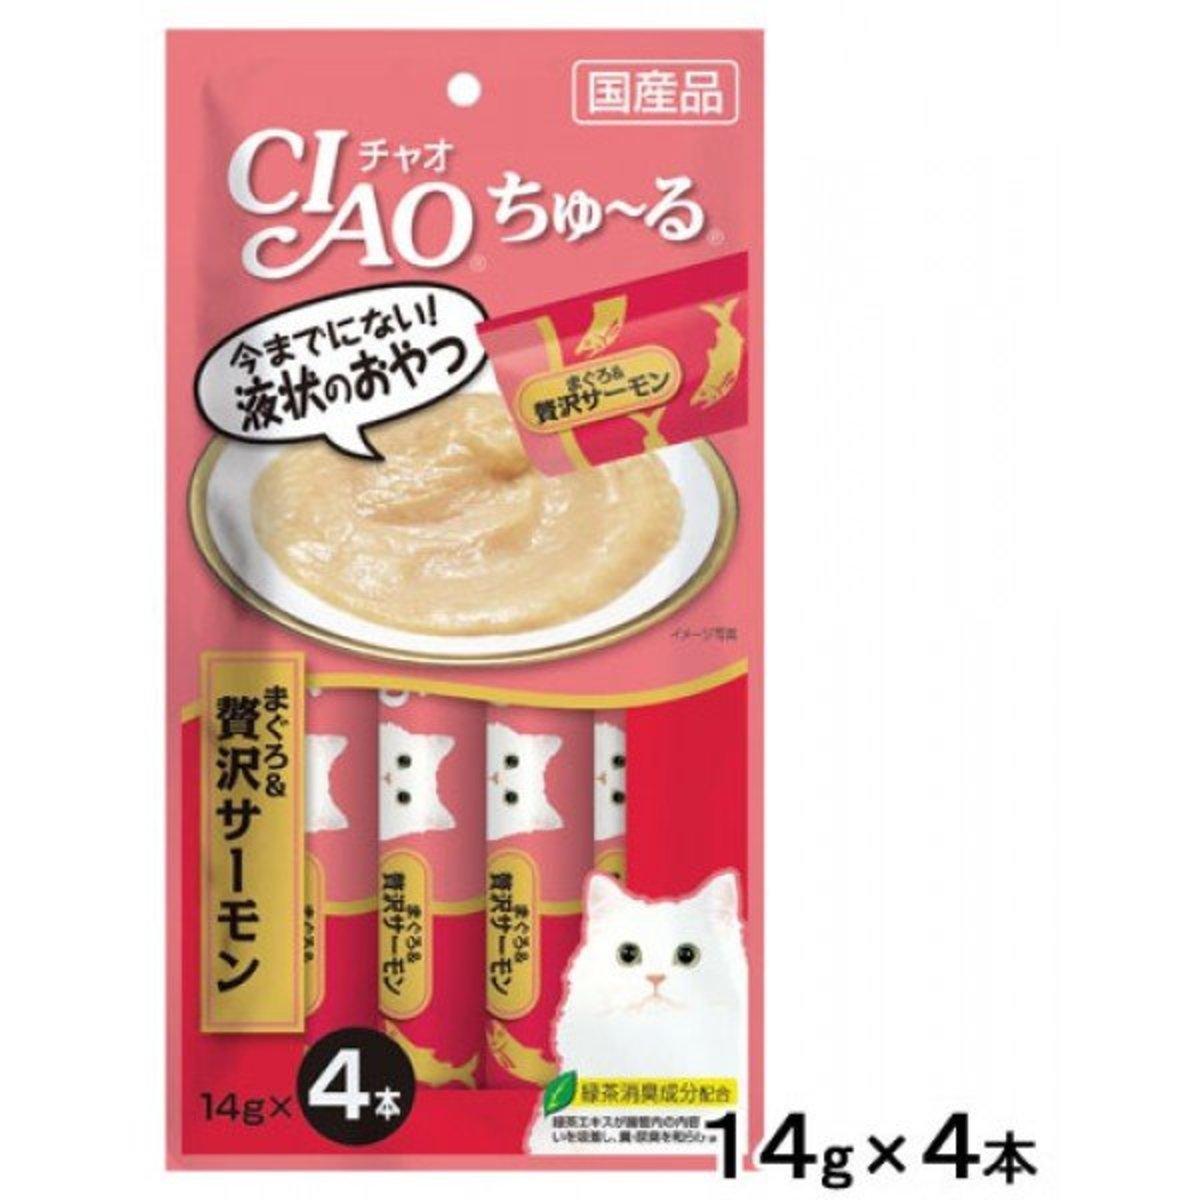 日本CIAO肉泥餐包 吞拿魚 三文魚醬 56g (SC-143) 銀粉